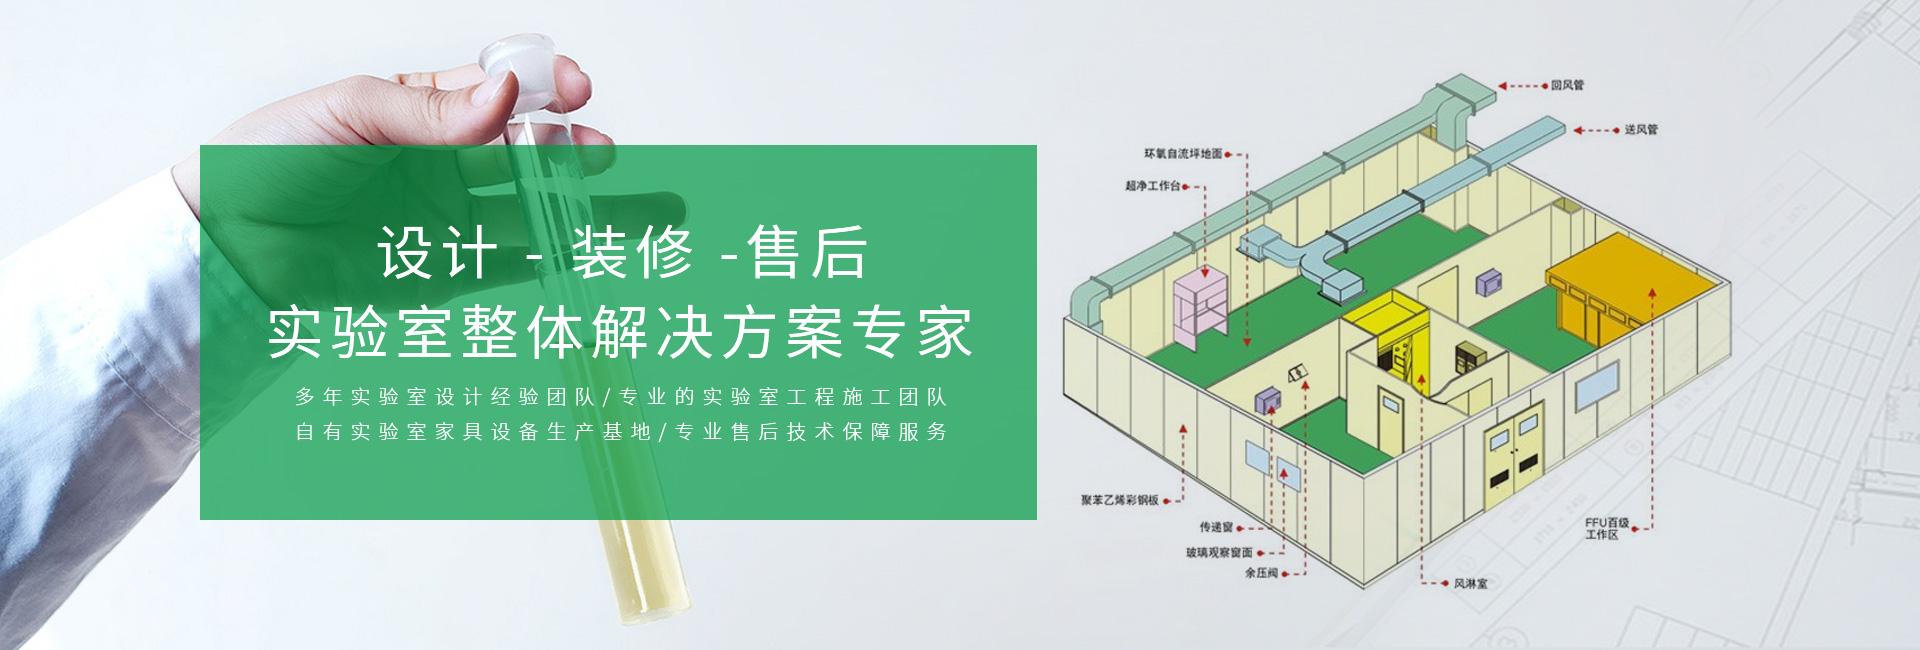 净化车间实验台,实验室设计策划,实验室设备PLC